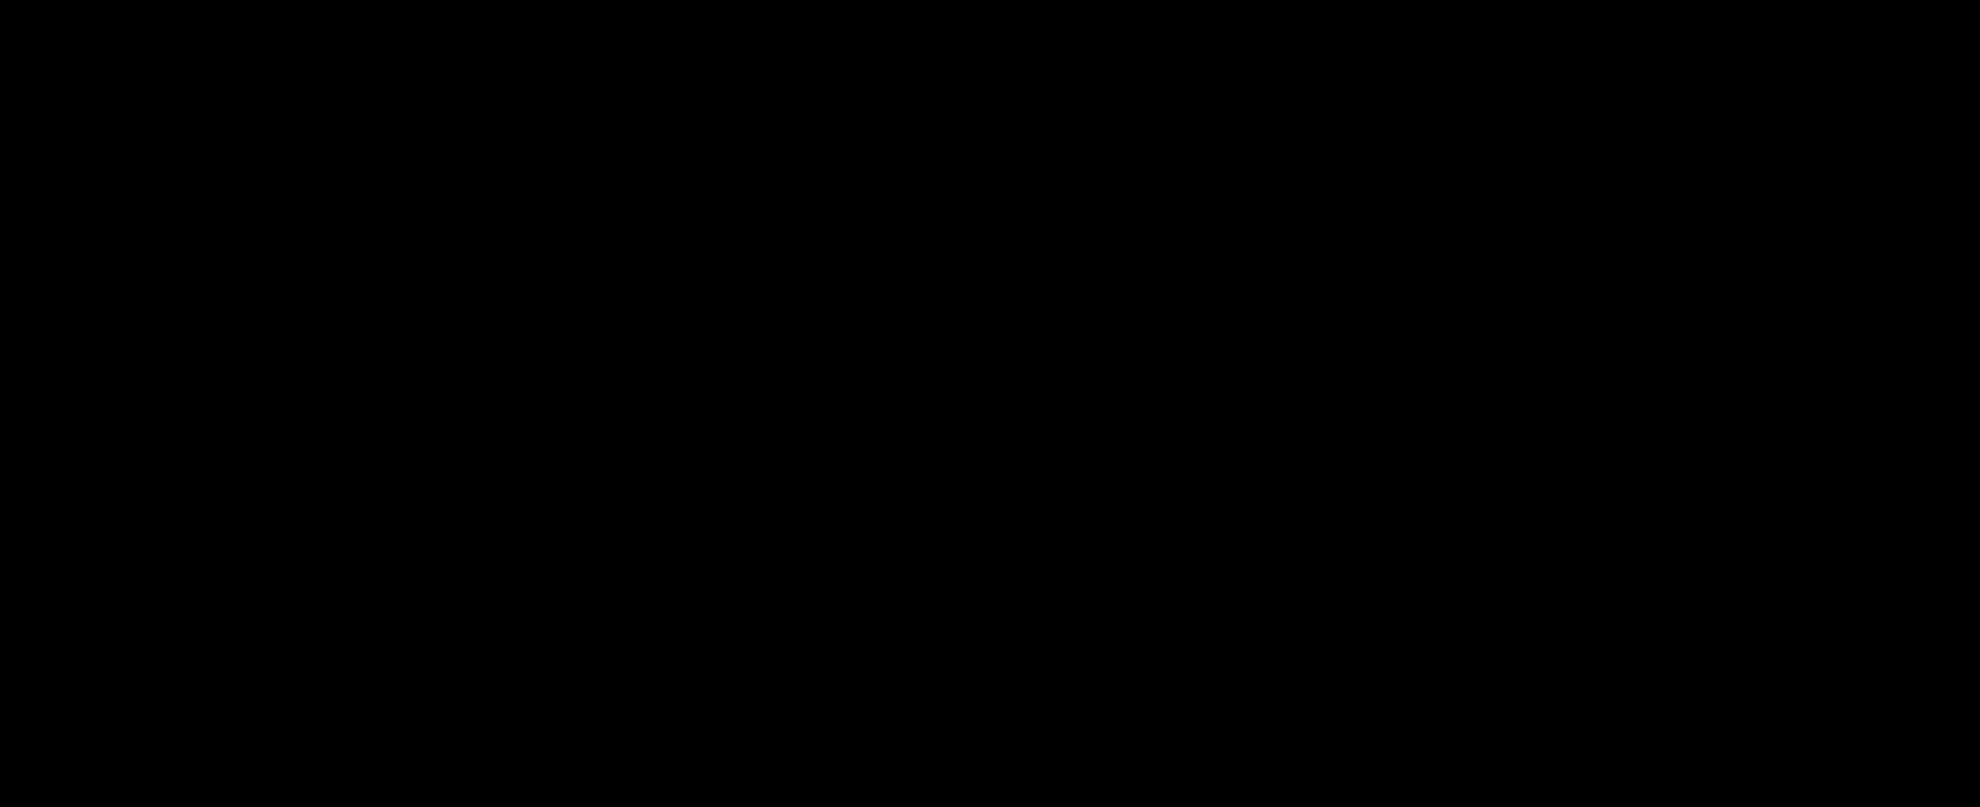 IRAKA ADUKO ILLUSTRATION